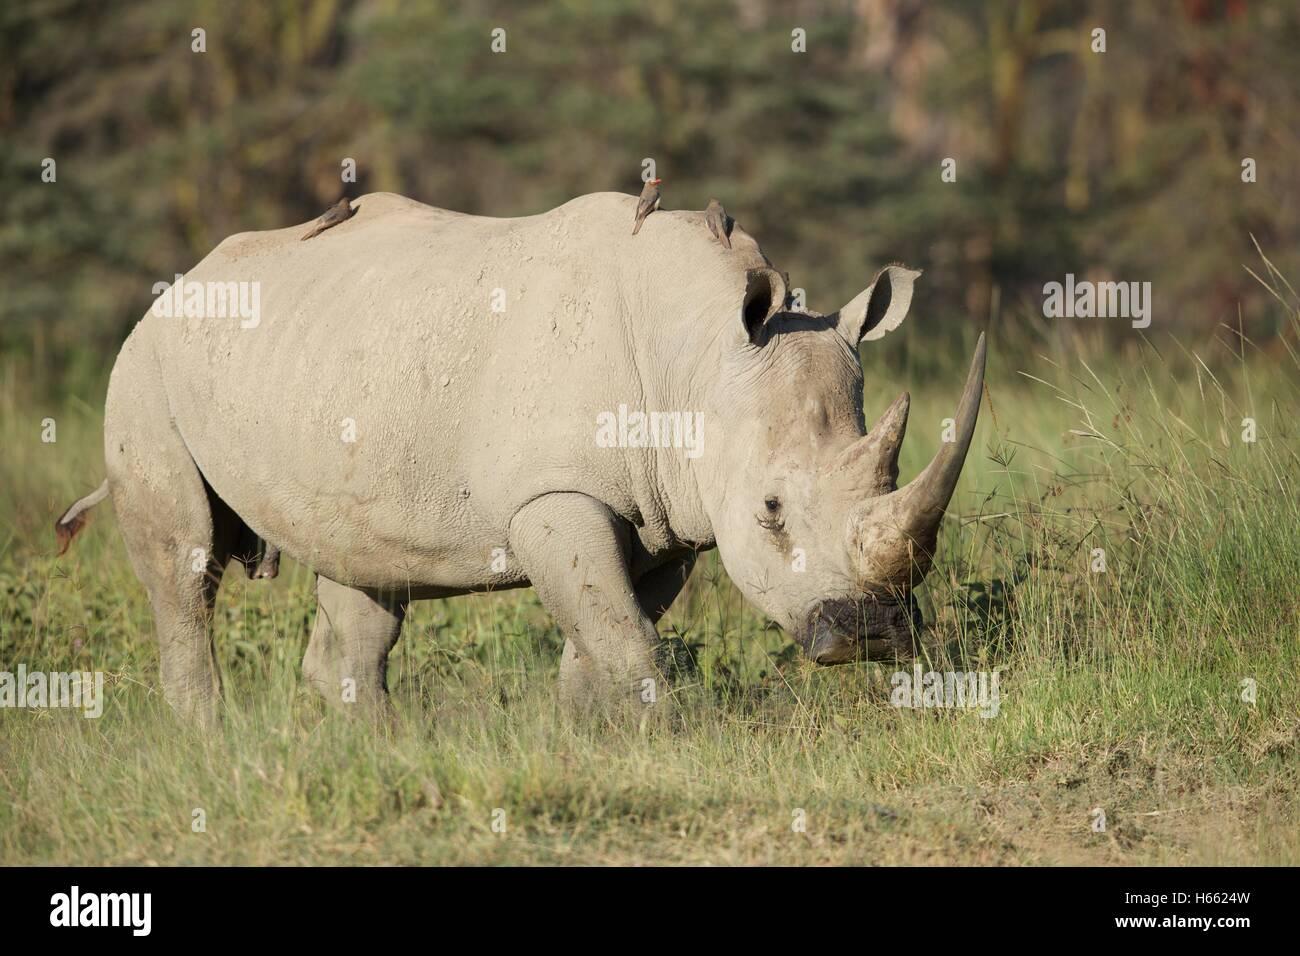 An endangered white rhino viewed on safari in Lake Nakuru, Kenya Stock Photo